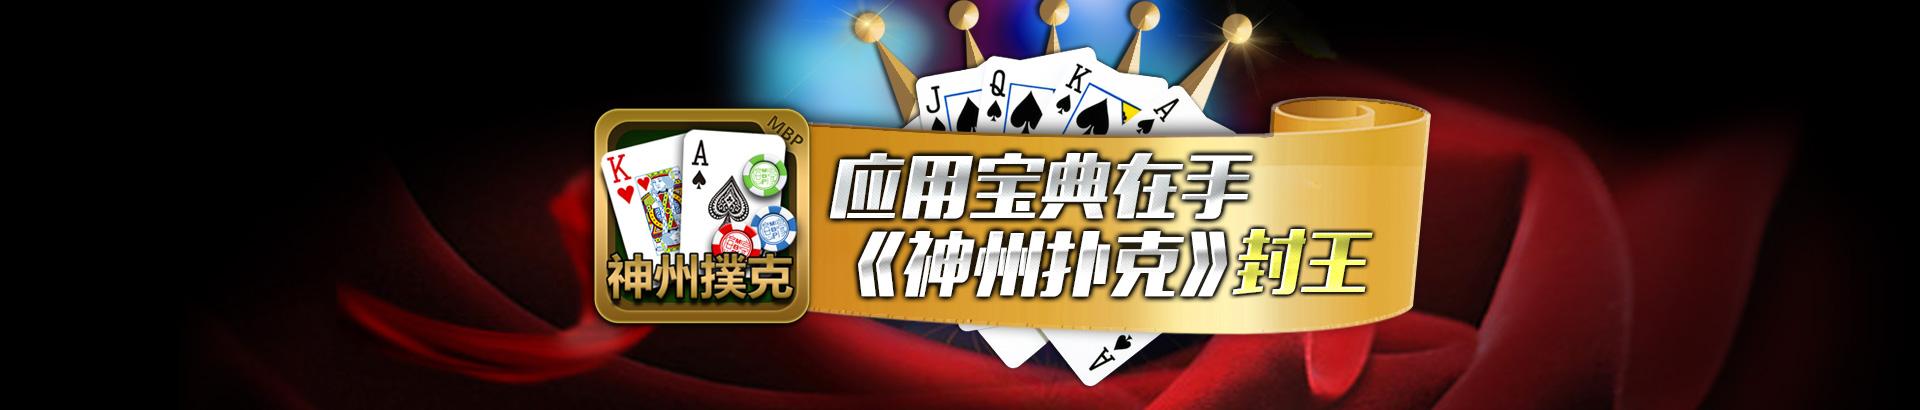 神州扑克竟技大赛游戏内容及使用说明